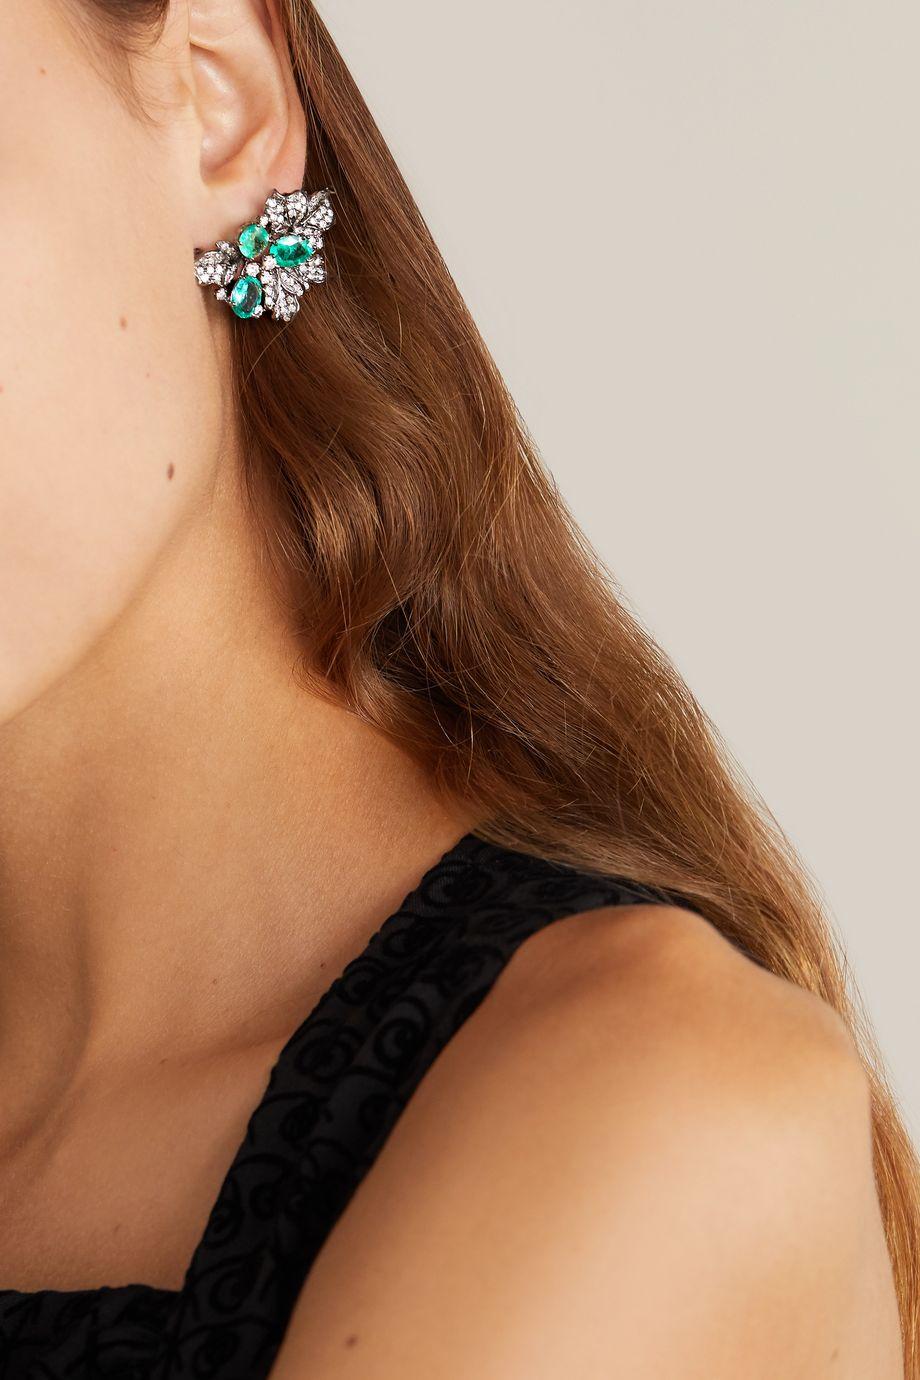 Lorraine Schwartz Ohrringe aus geschwärztem 18Karat Weißgold mit Smaragden und Diamanten